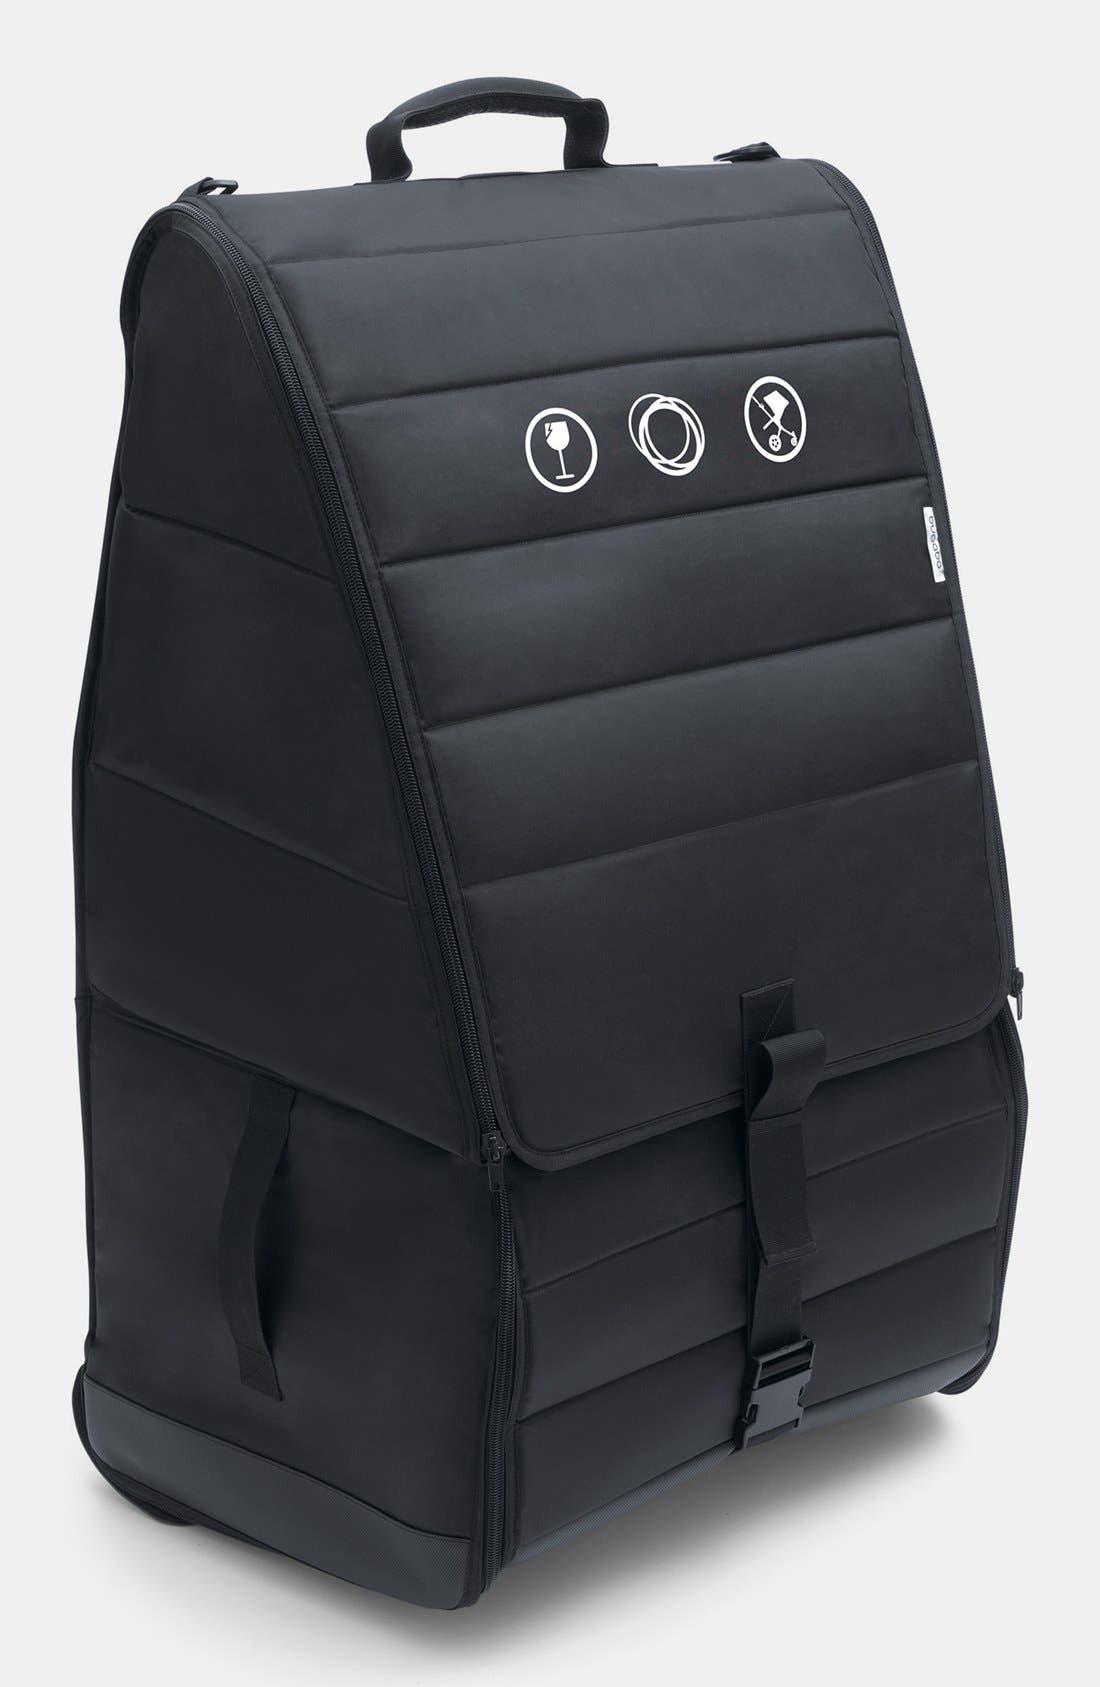 Alternate Image 1 Selected - Bugaboo Comfort Stroller Transport Bag